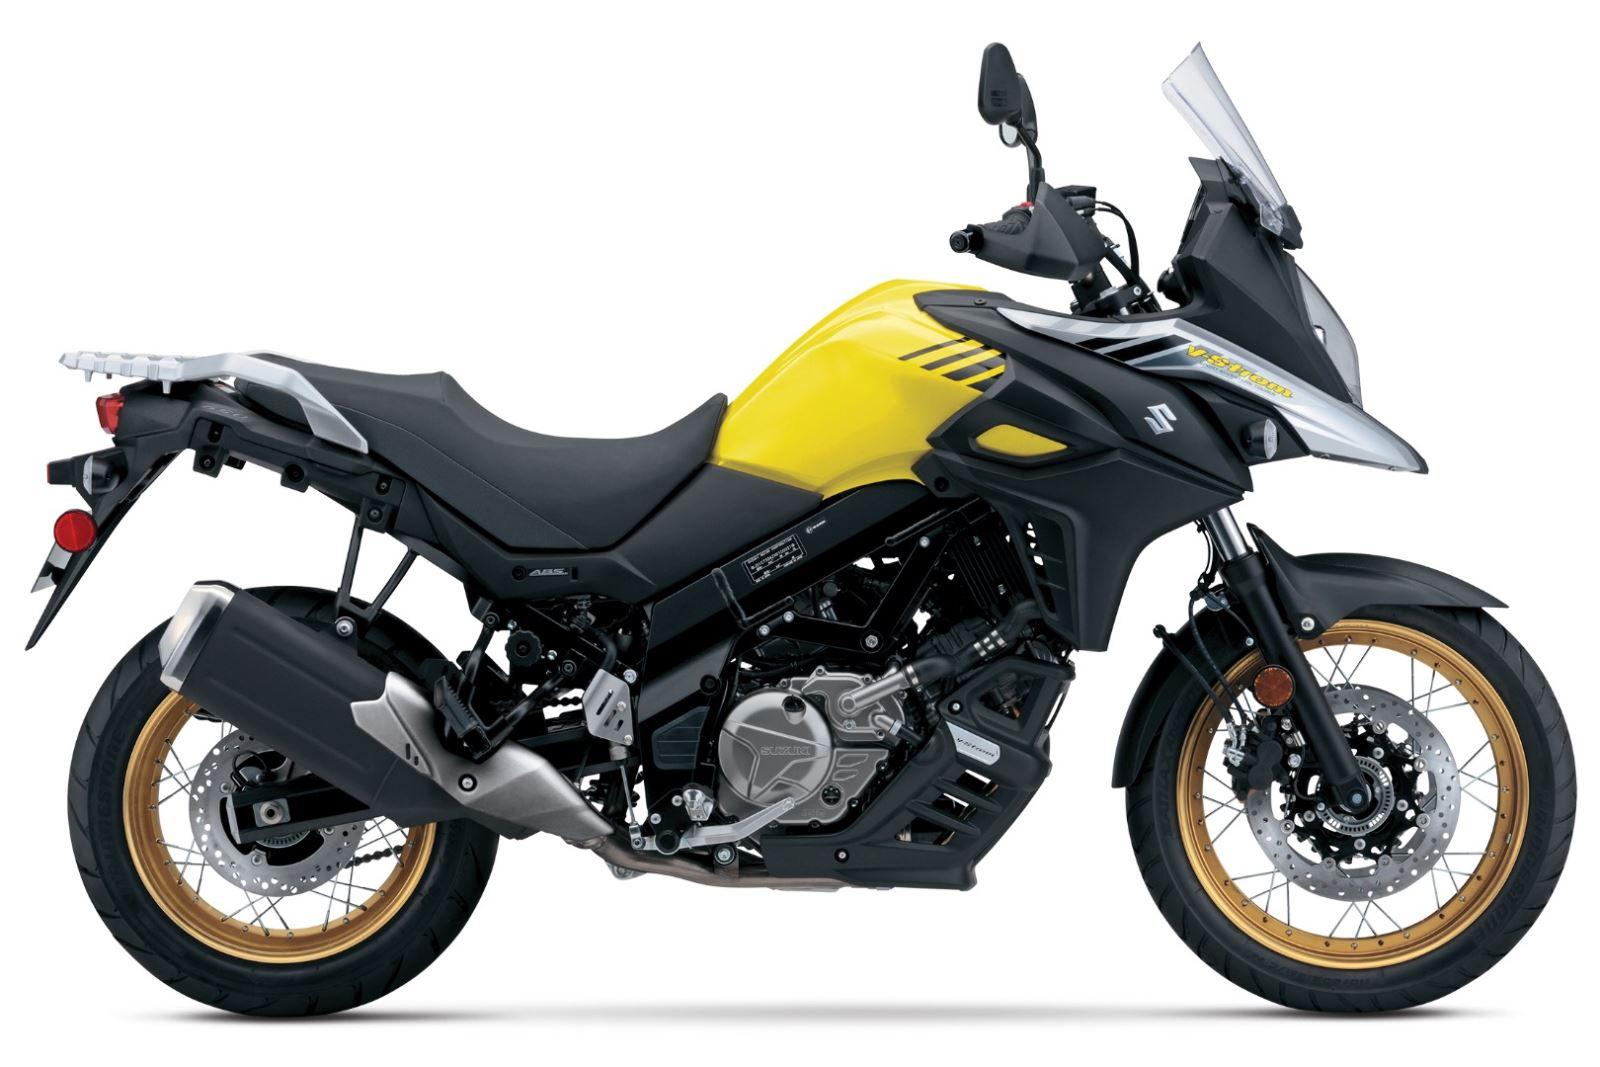 Karşılaştırma; Yamaha Tracer 700 Honda NC750X karşısında! 12. İçerik Fotoğrafı